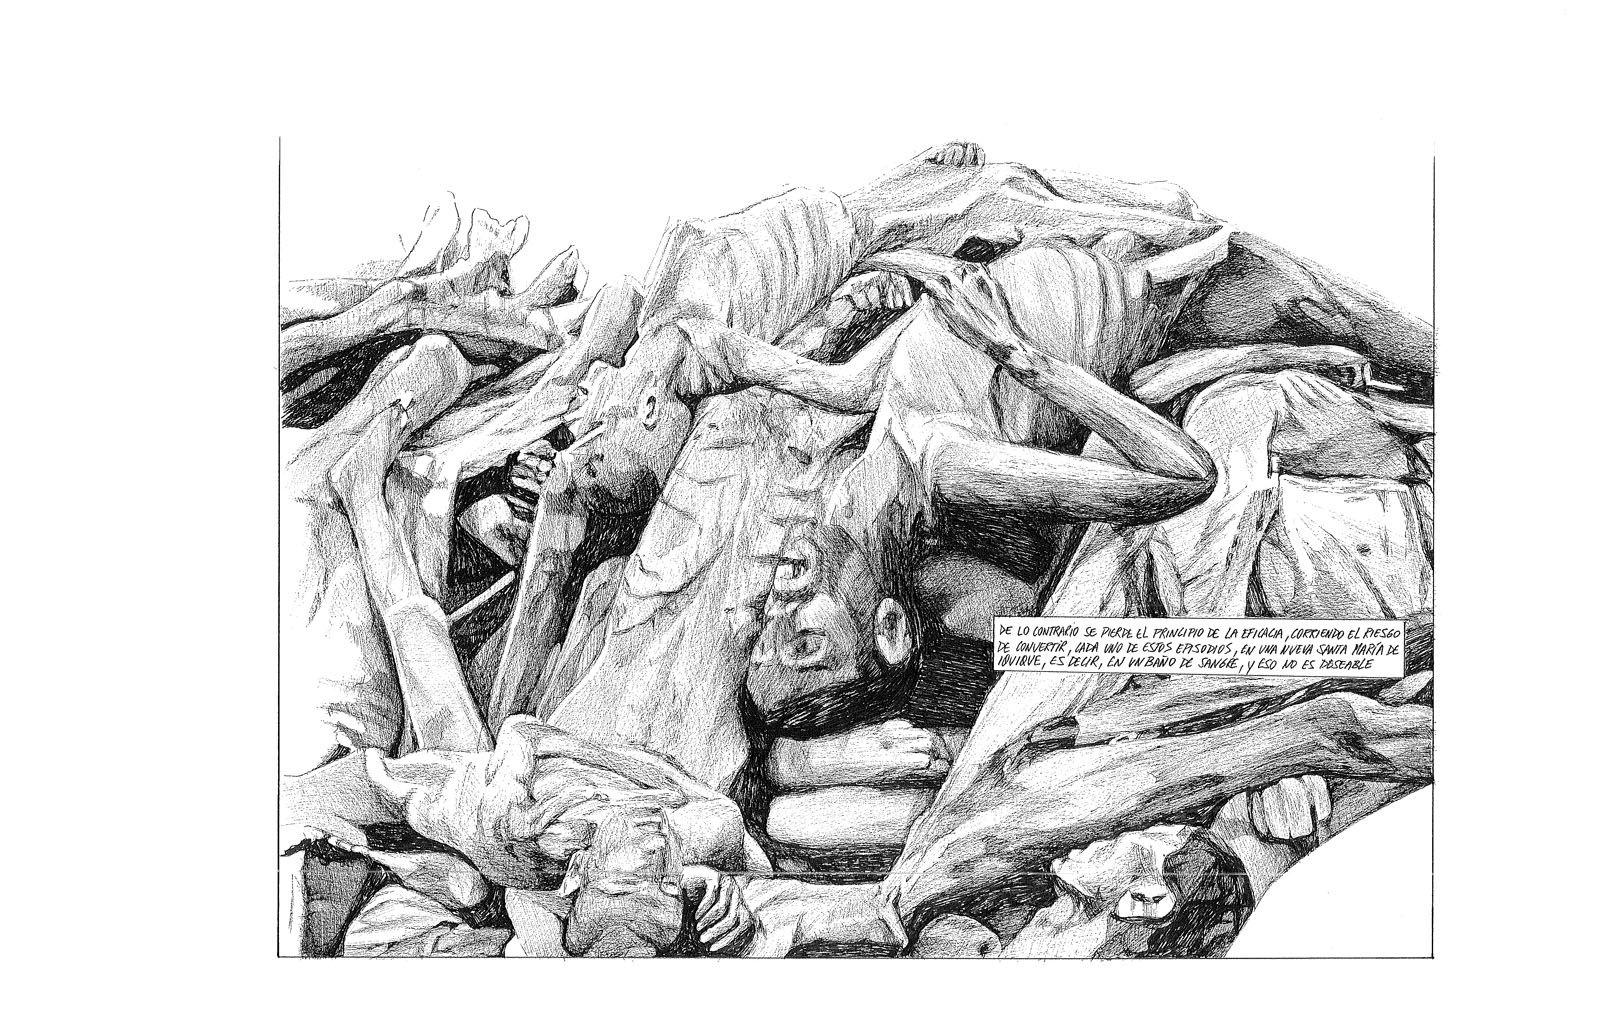 Javier Rodríguez, de la serie Malos, 18 láminas de 27 x 38 cm c/u, lápiz y tinta sobre papel. Cortesía del artista